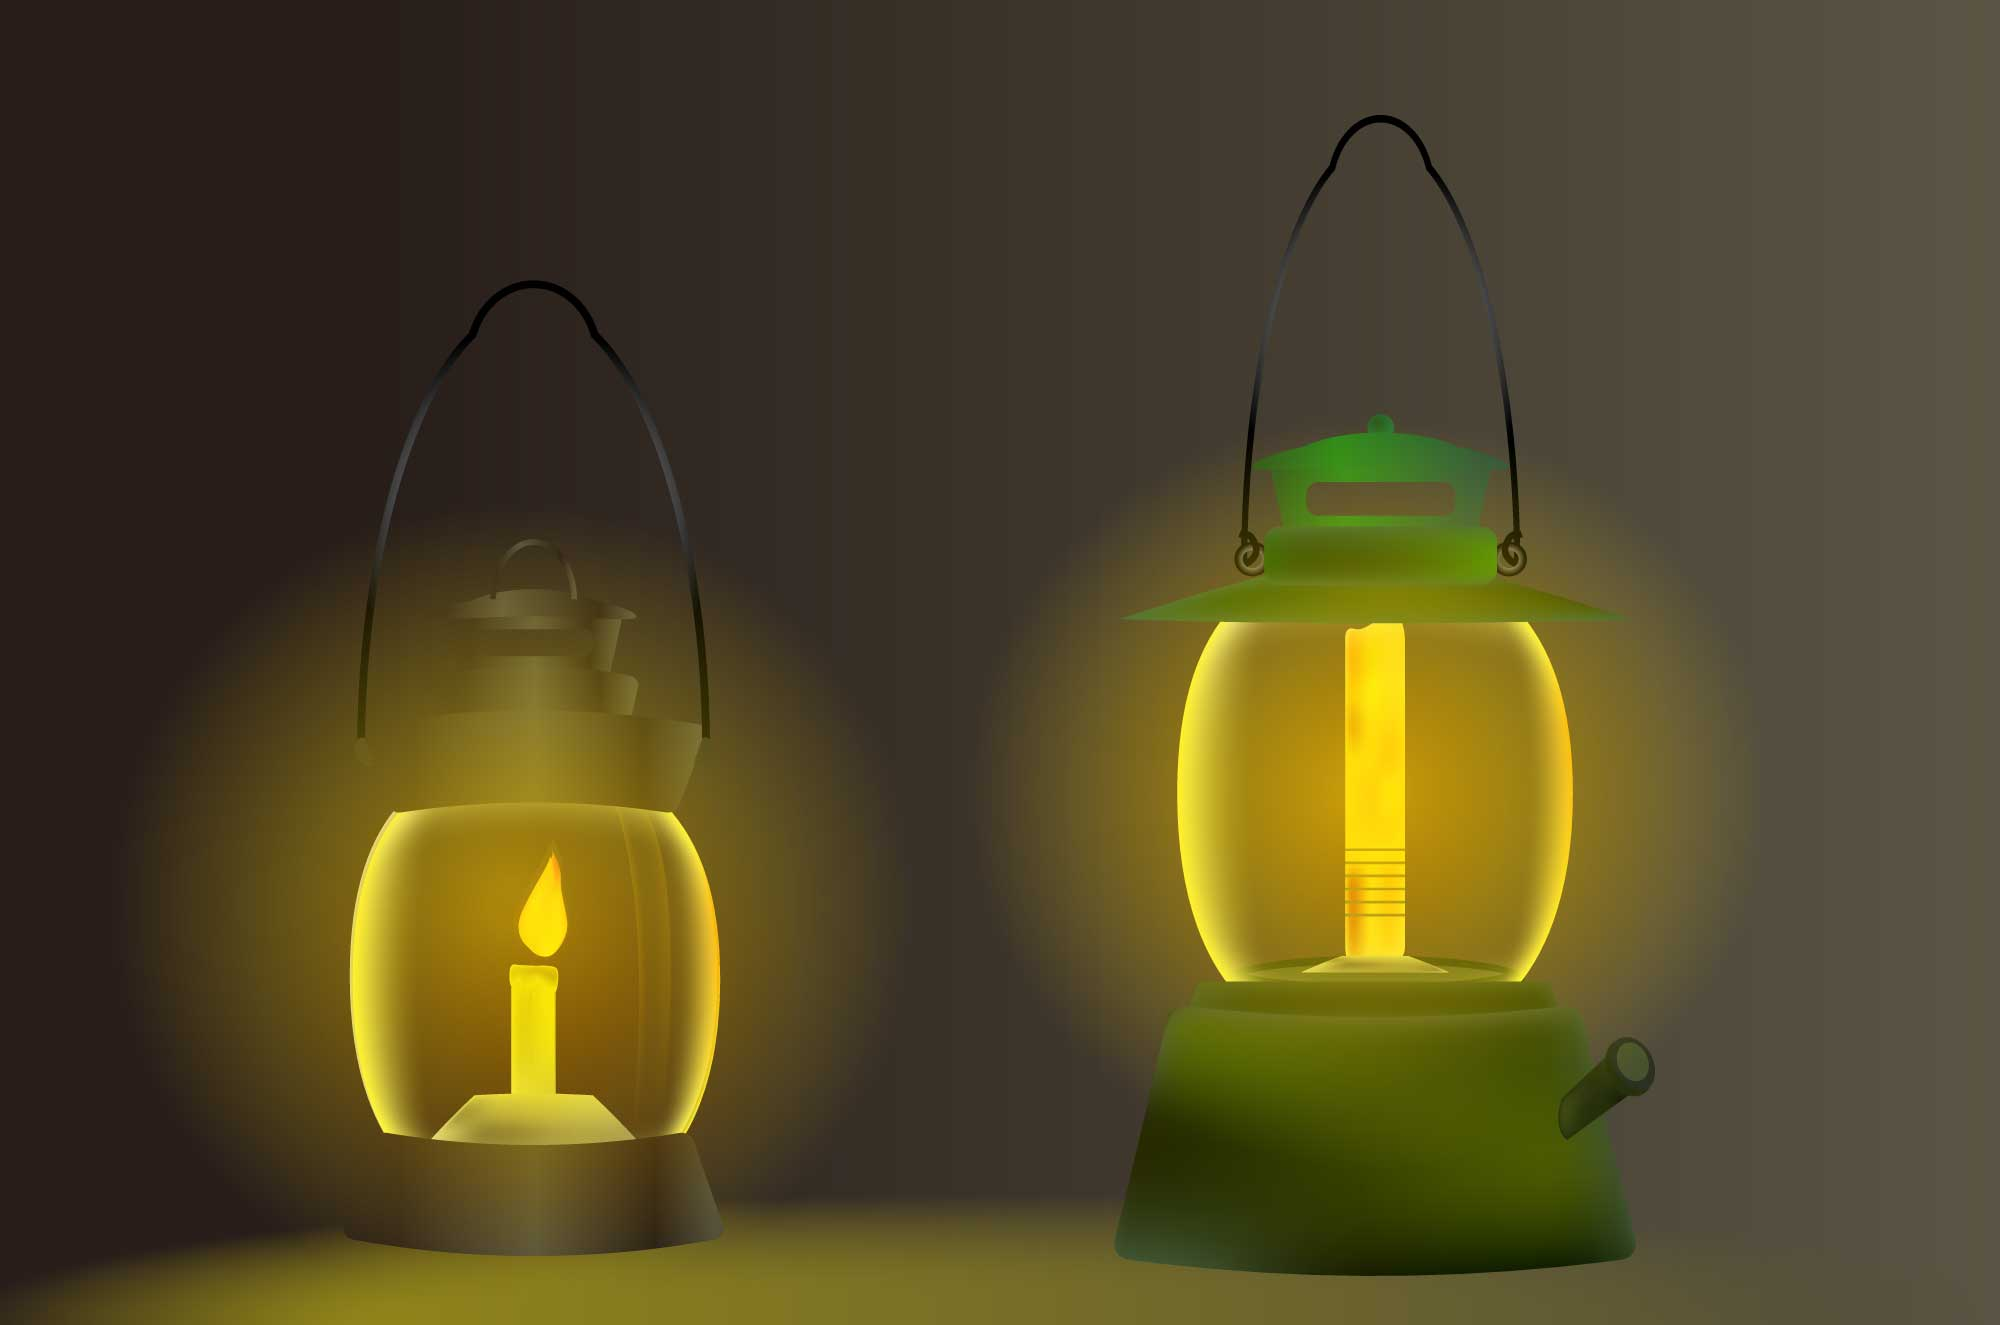 ランタンのイラスト - 闇を照らすキャンプの無料素材